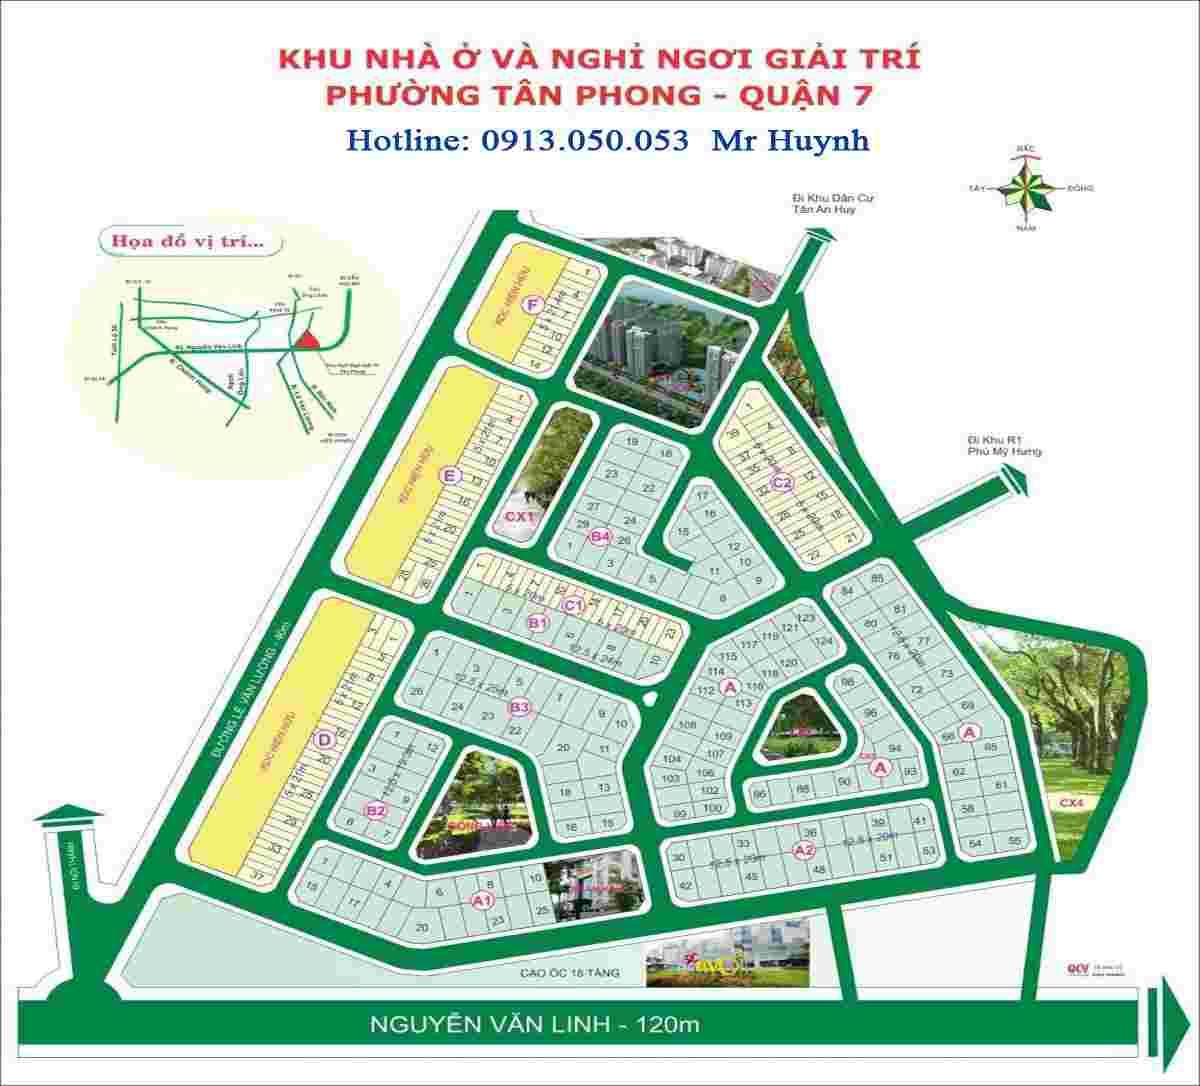 Bán đất nền nhà phố Sadeco Nghỉ Ngơi Giải Trí, Quận 7, lô C1-14, diện tích 100m2, đường 12m, giá 122tr/m2. LH: 0913.050.053